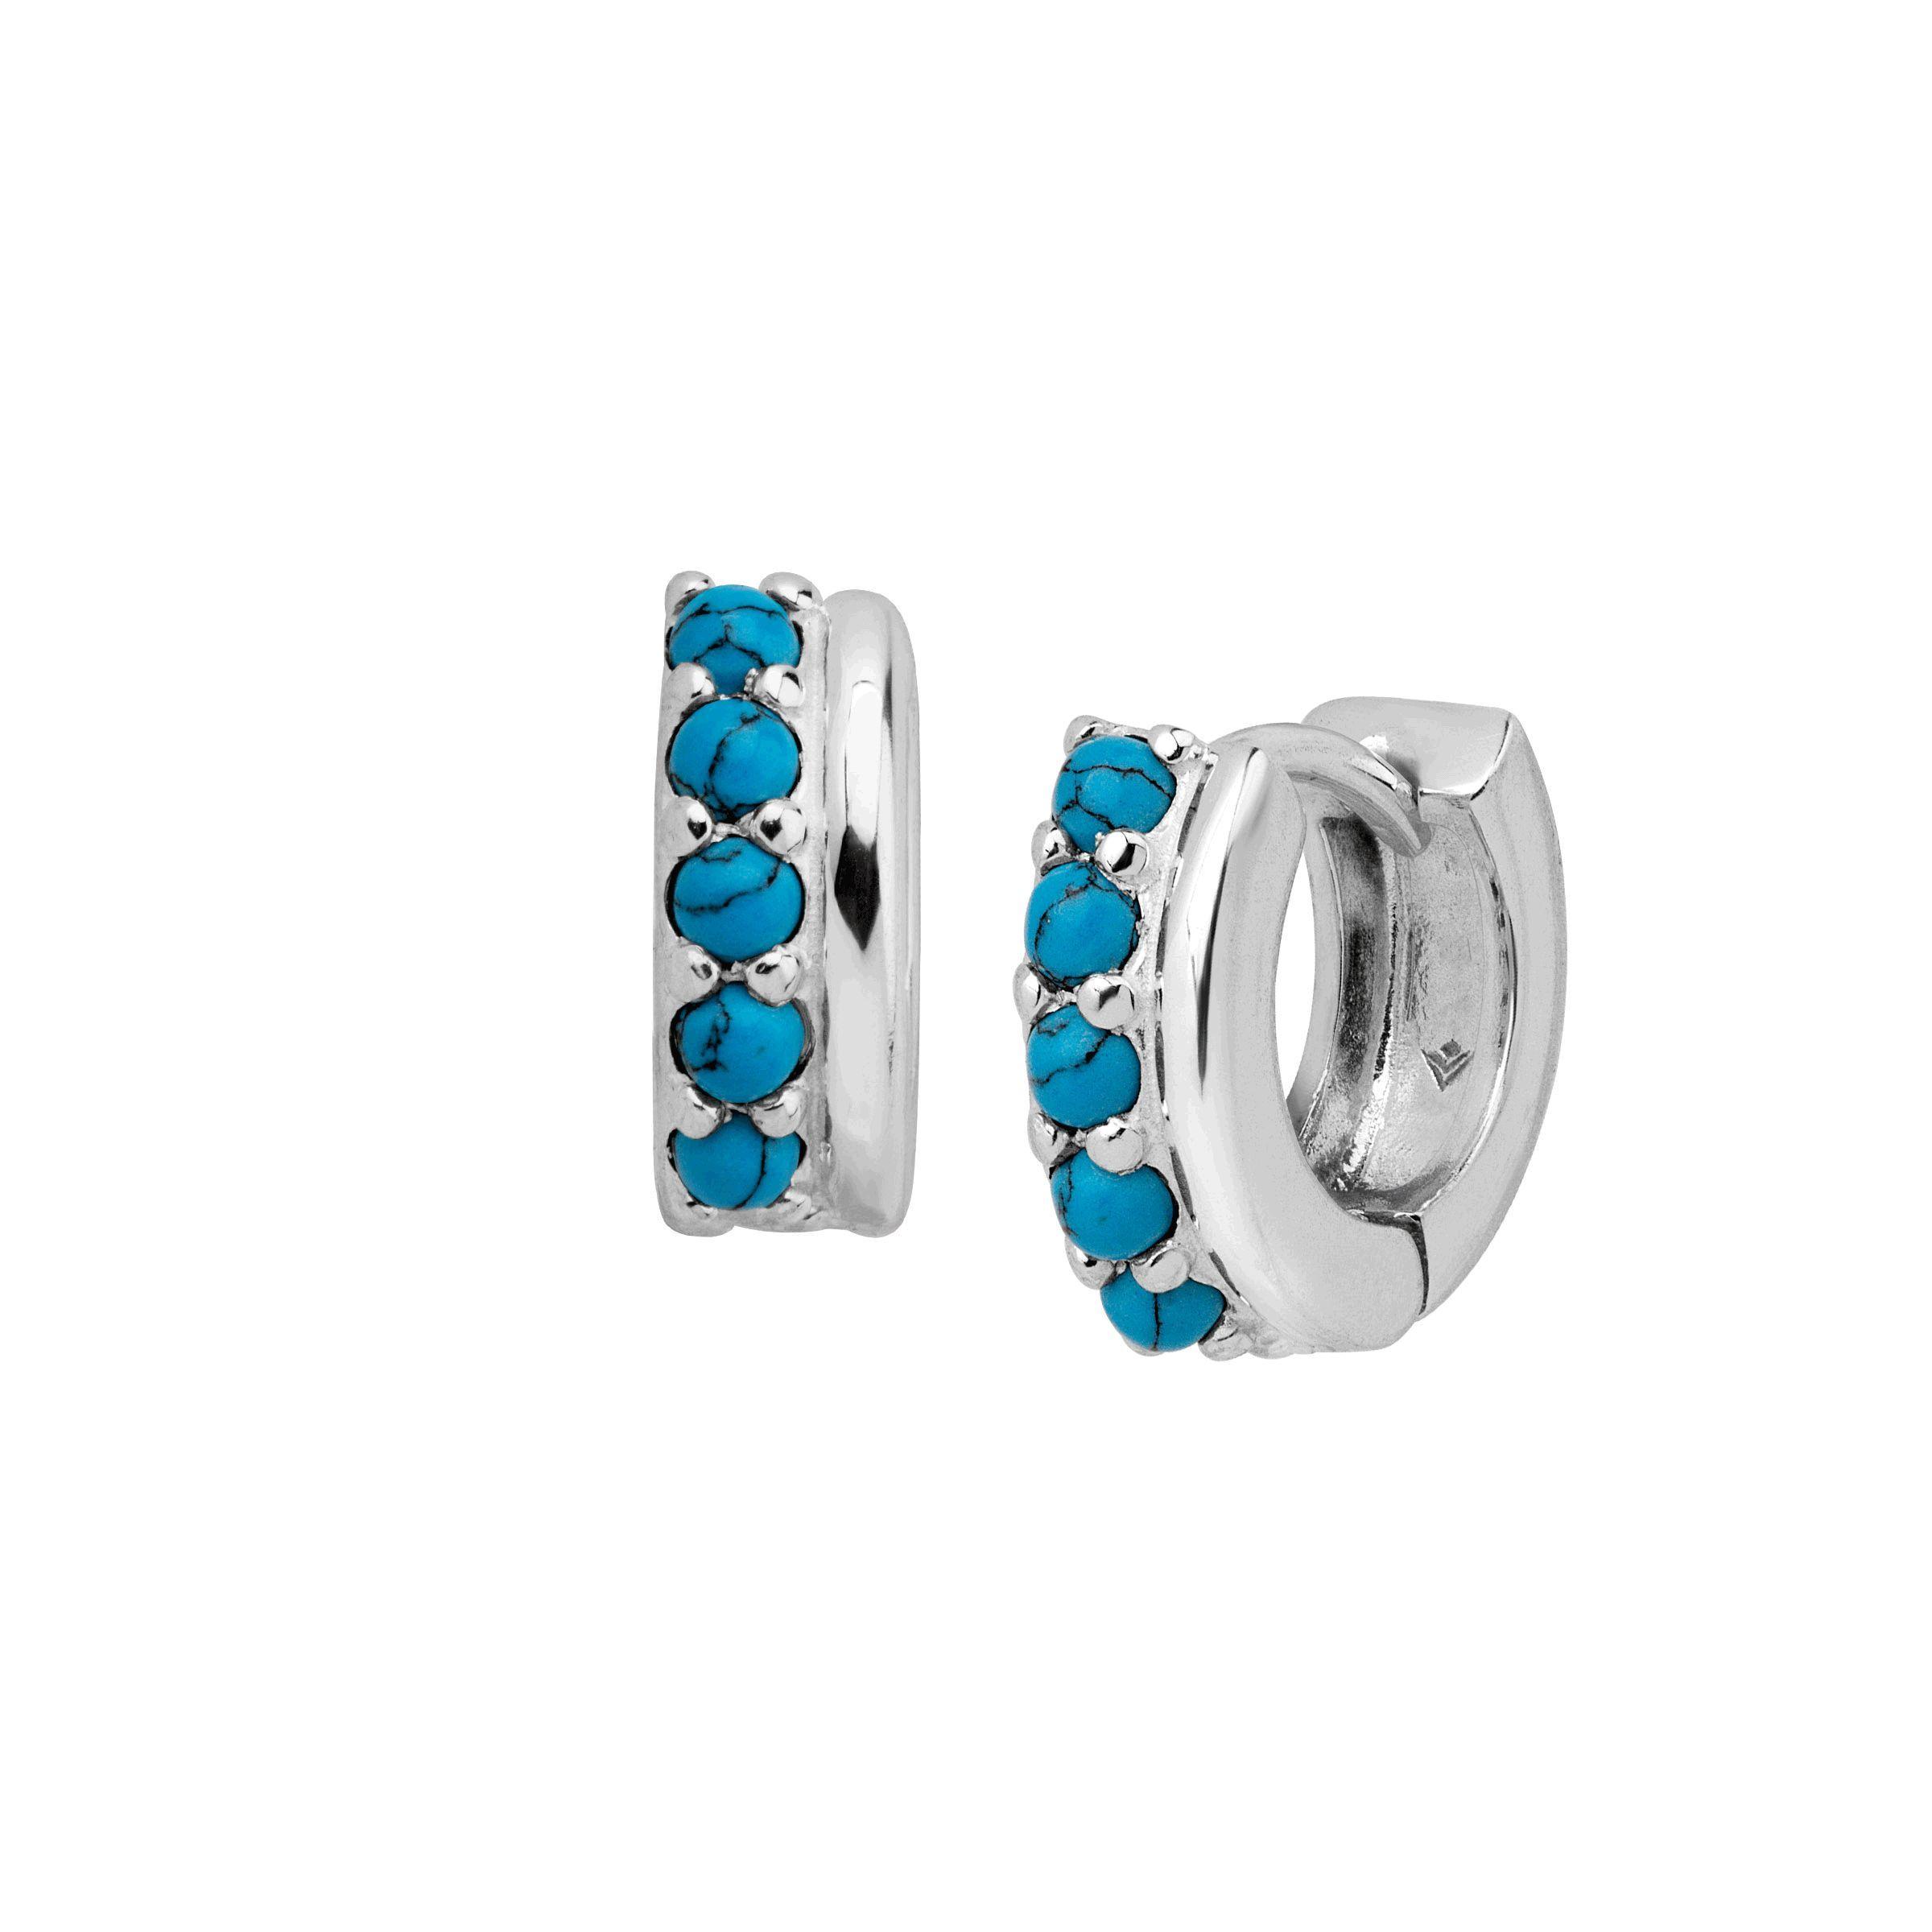 c887413a4 Silpada 'Soleil' Twisted Huggie Hoop Earrings in Sterling Silver ...